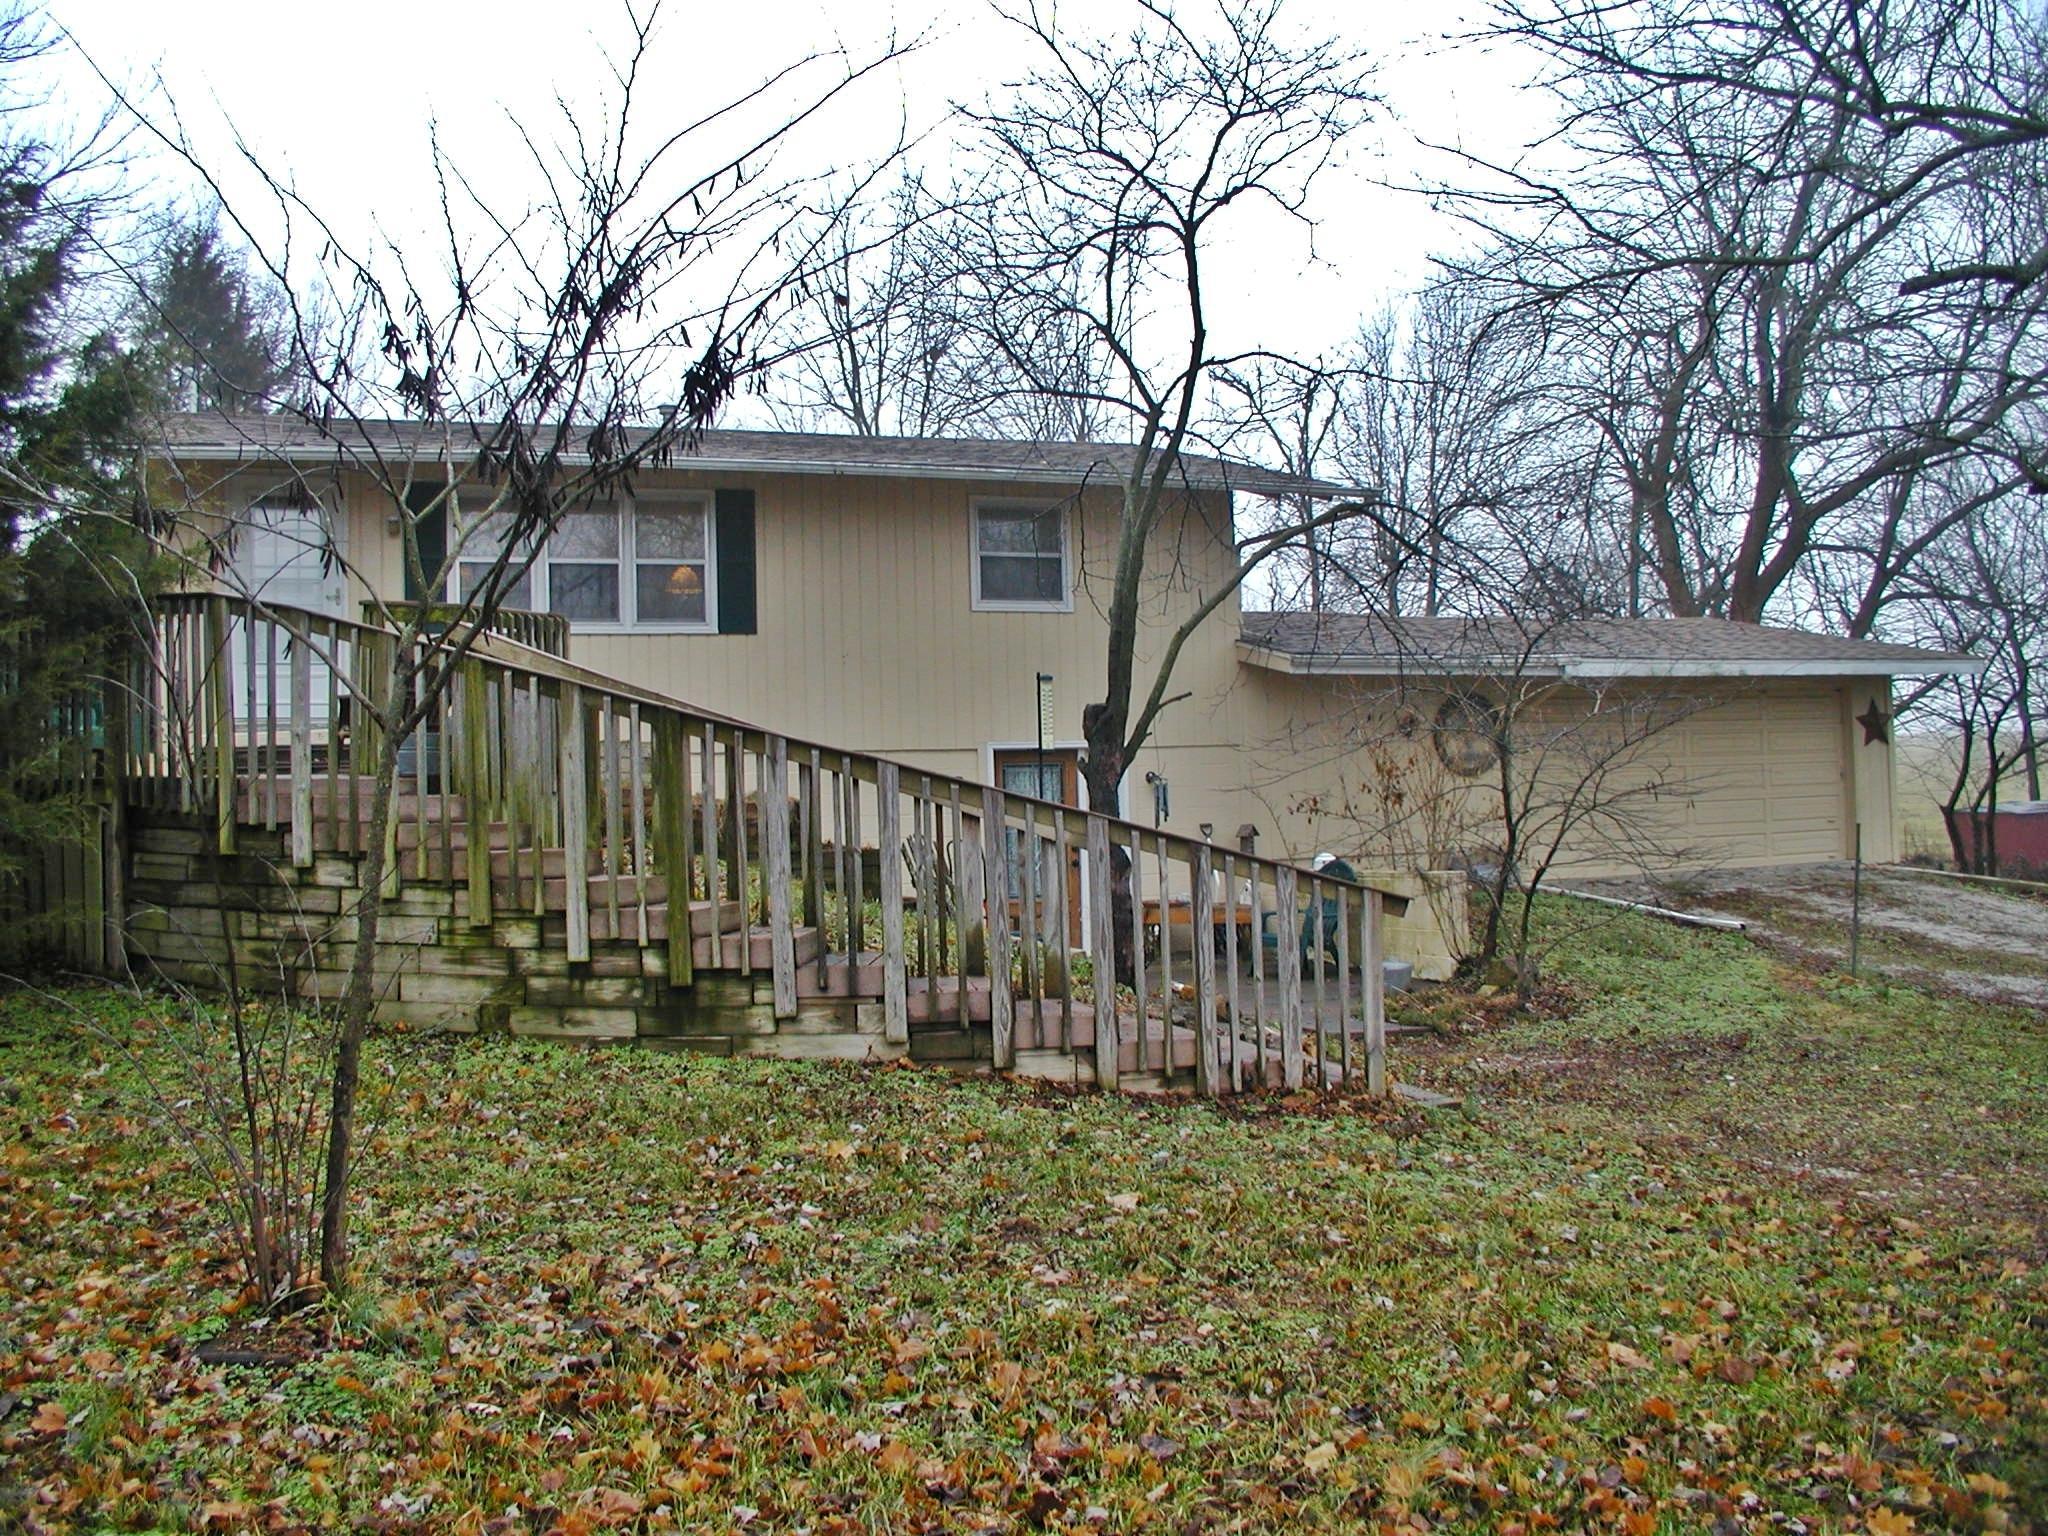 6454 North Farm Road 91 Willard, MO 65781